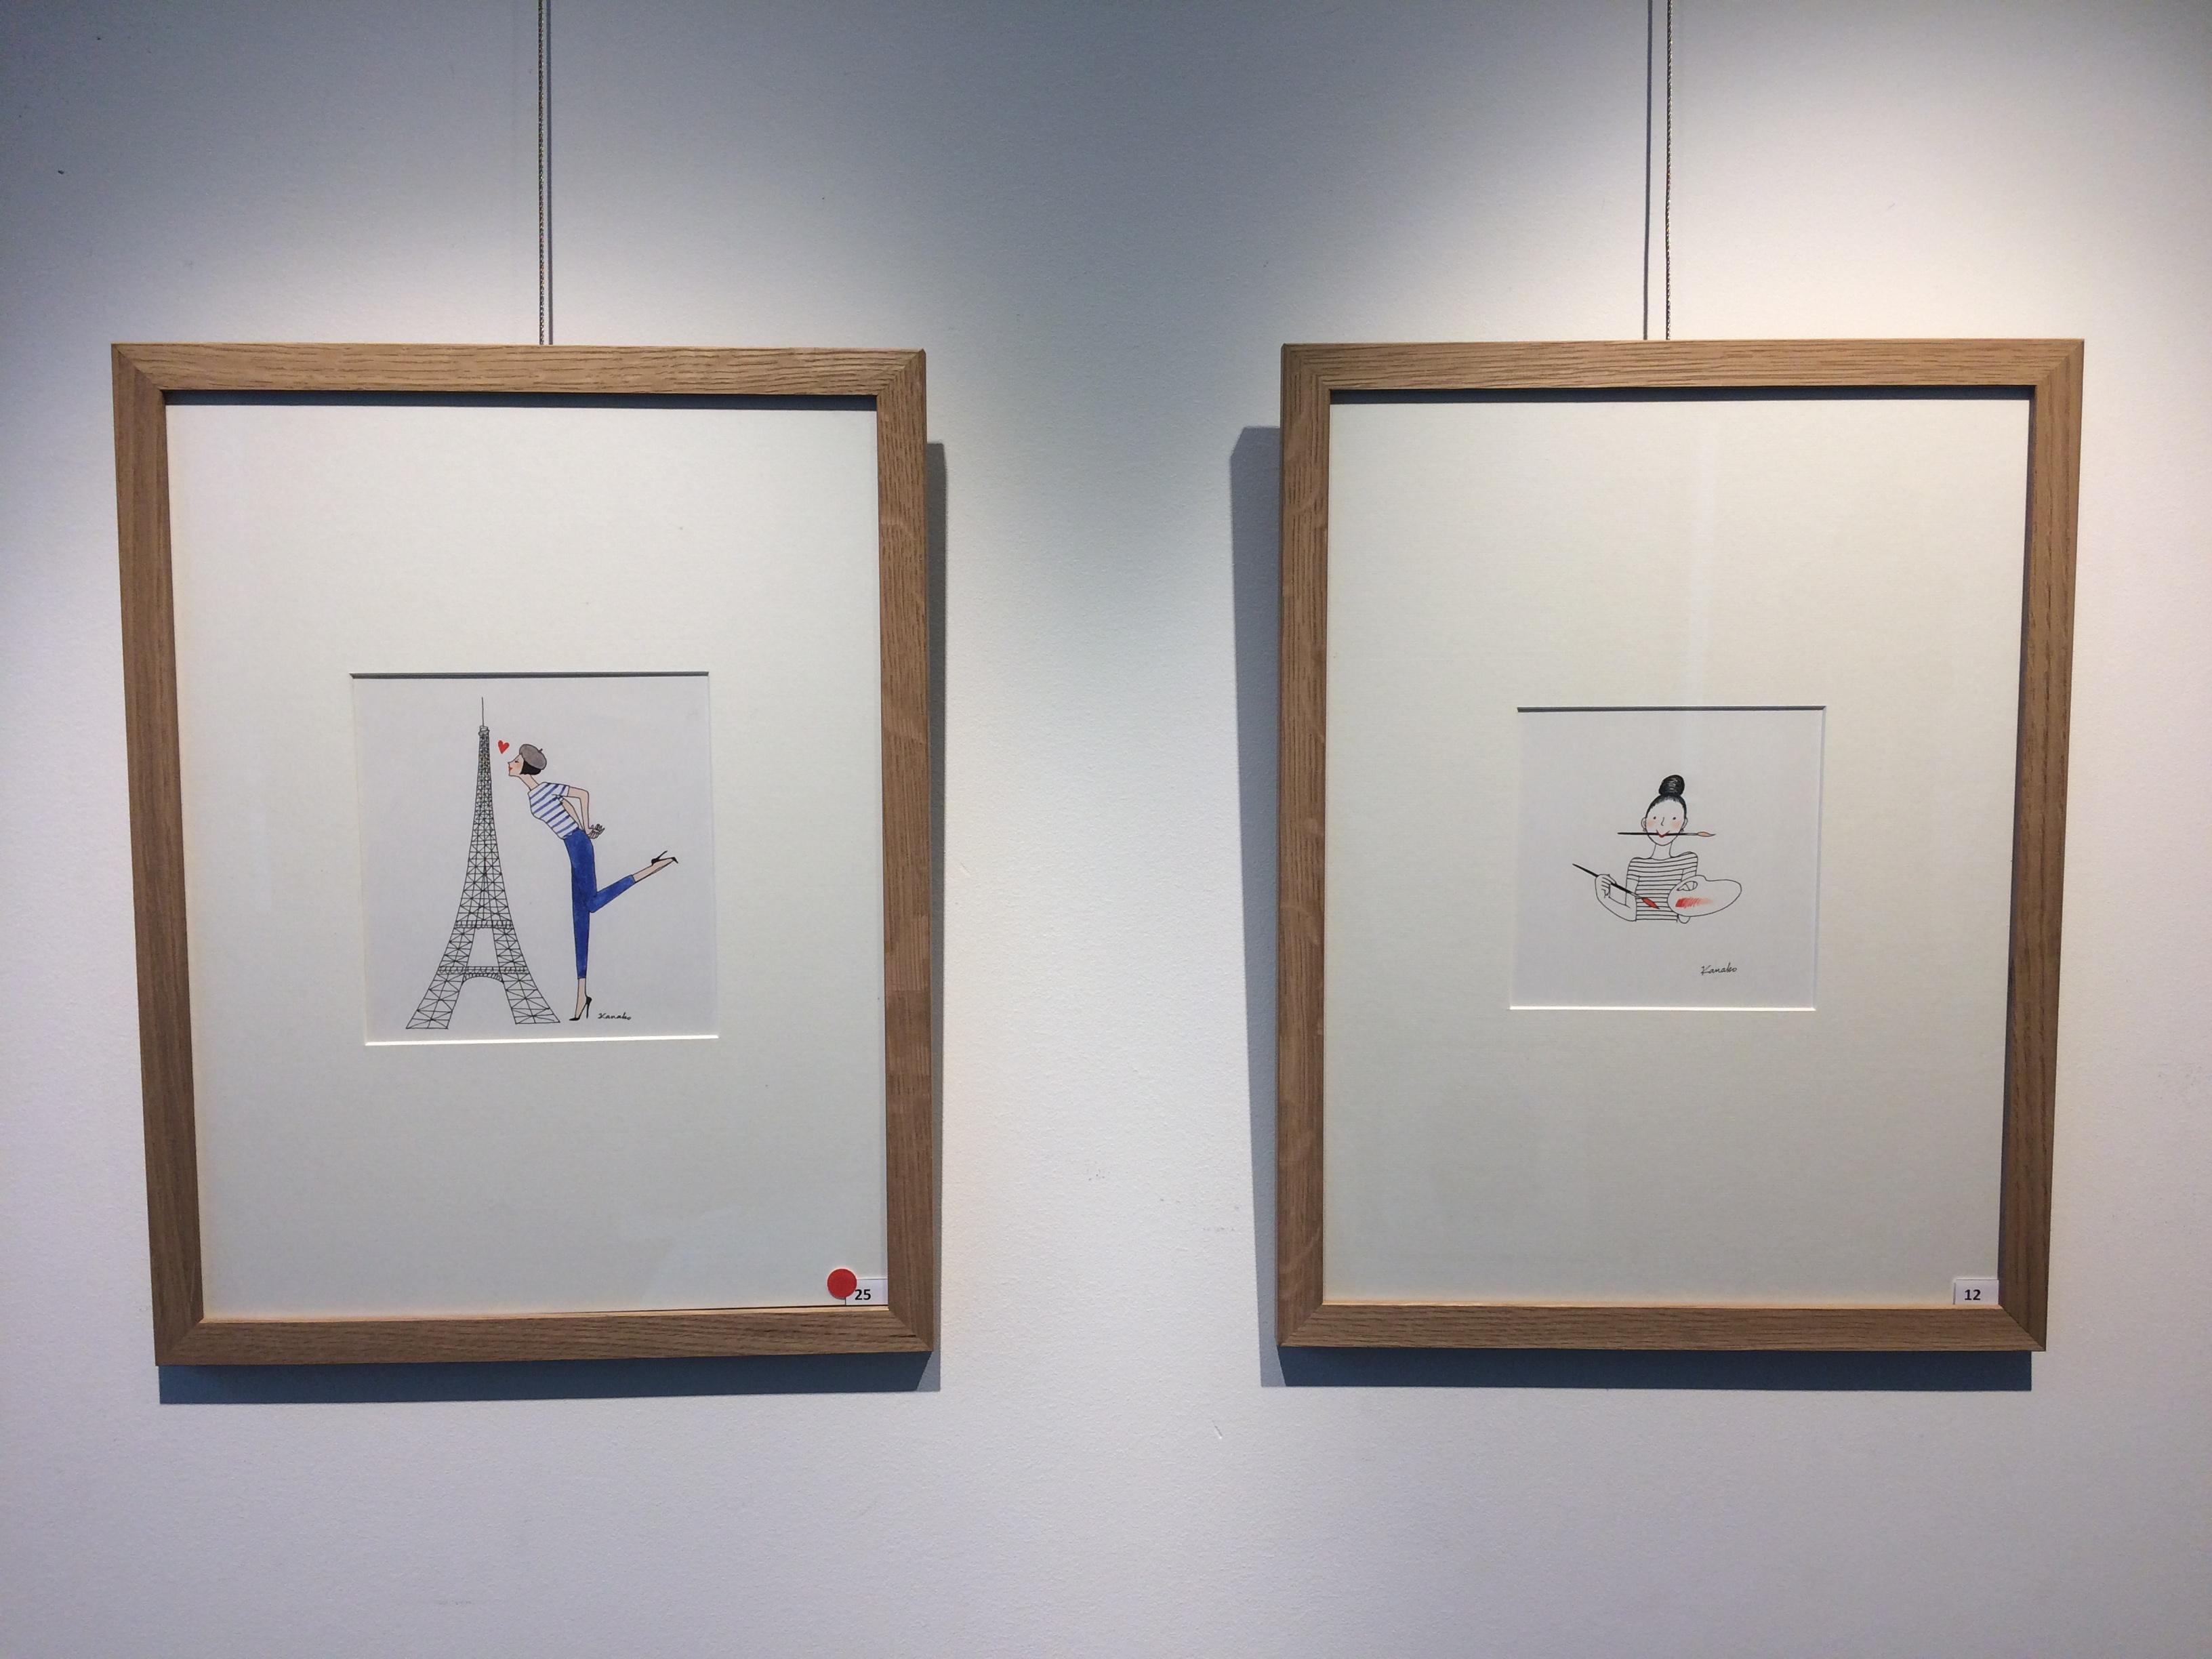 Kanako / Agence Marie Bastille